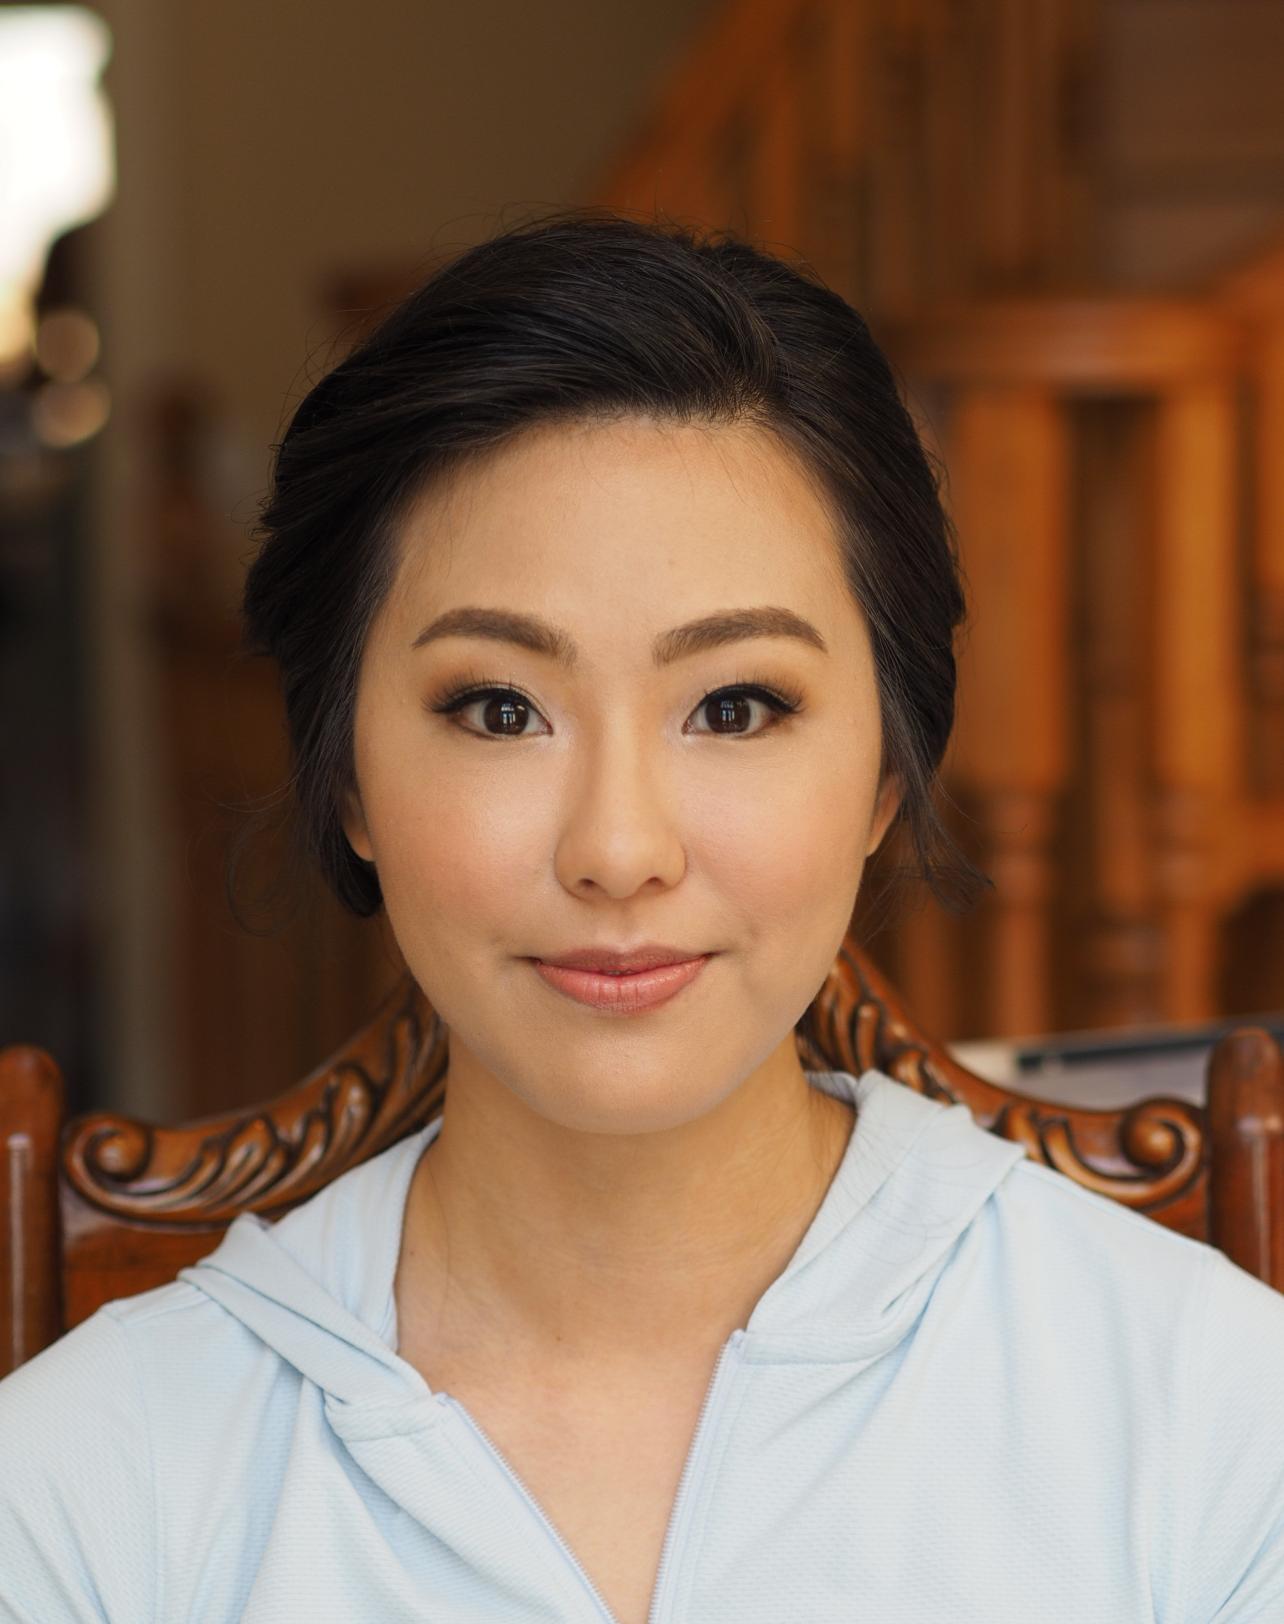 Korean bridal makeup Toronto GTA North York